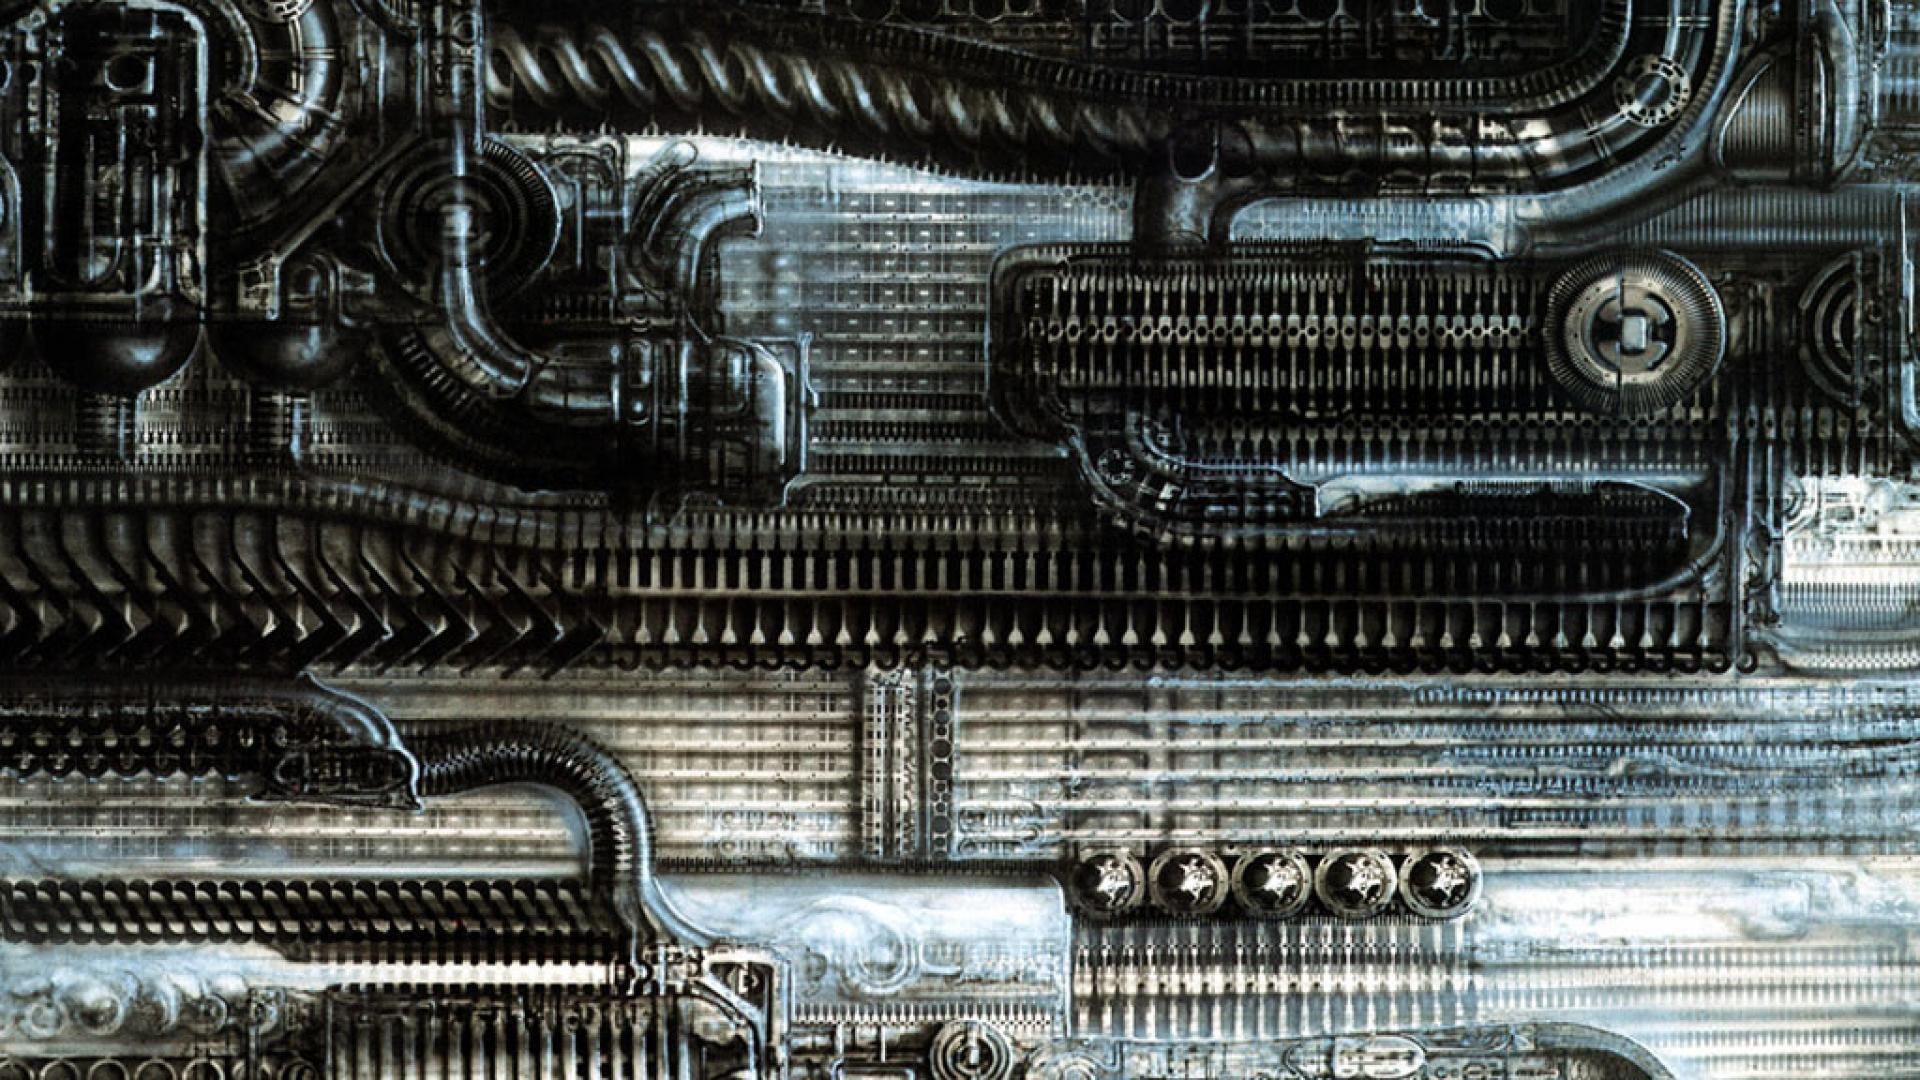 1920x1080_hr_giger_textures_wallpaper-2930.jpg (1920×1080)